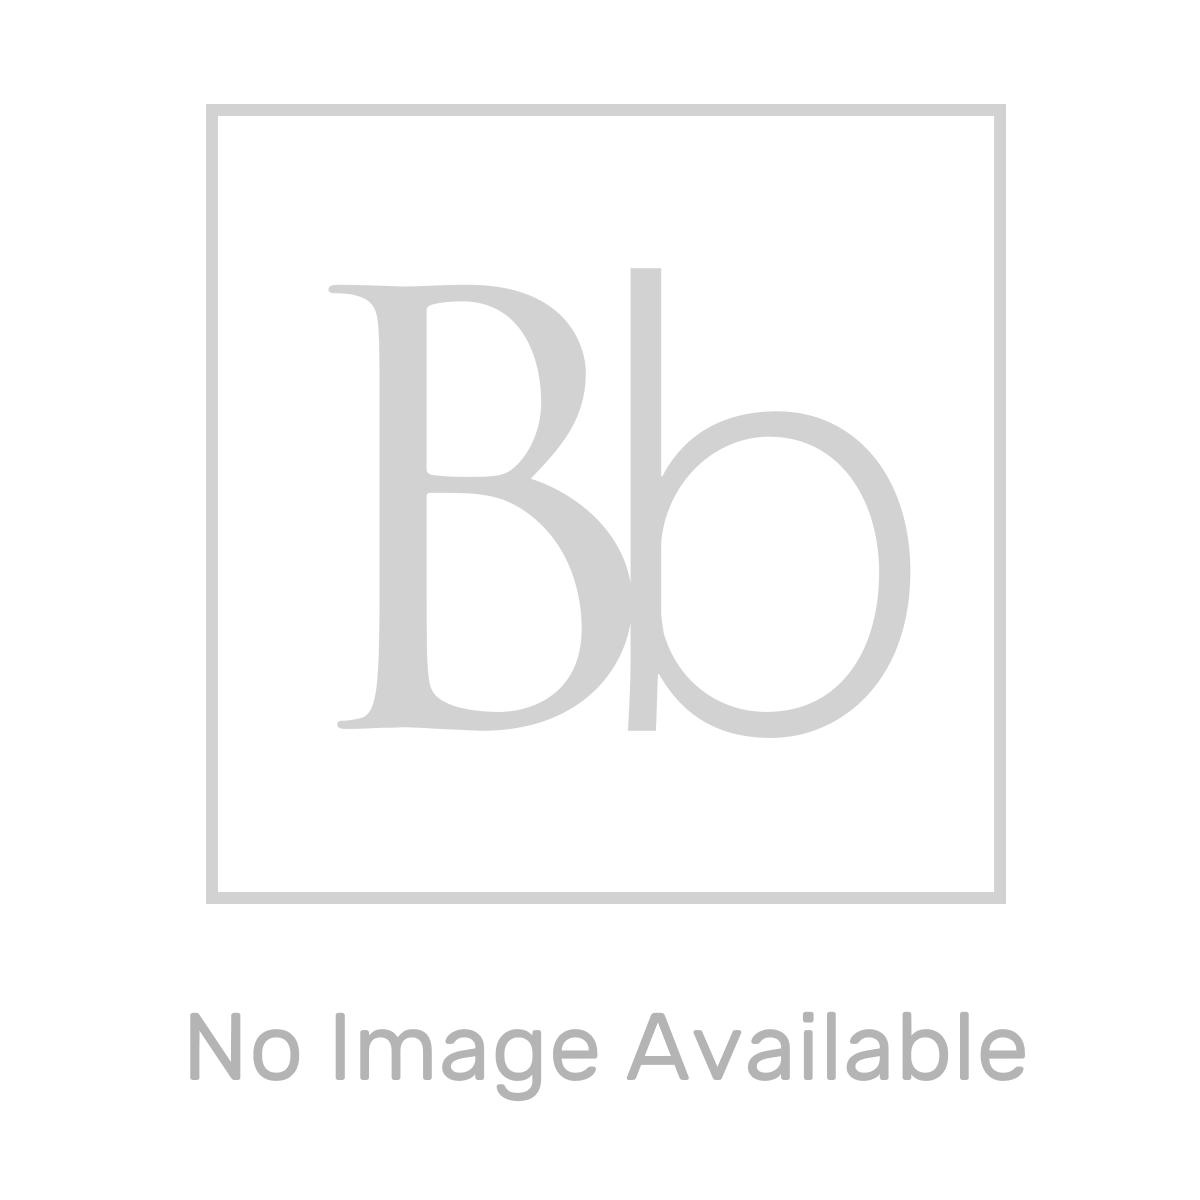 Frontline Aquaglass+ Drift Double Door Quadrant Shower Enclosure